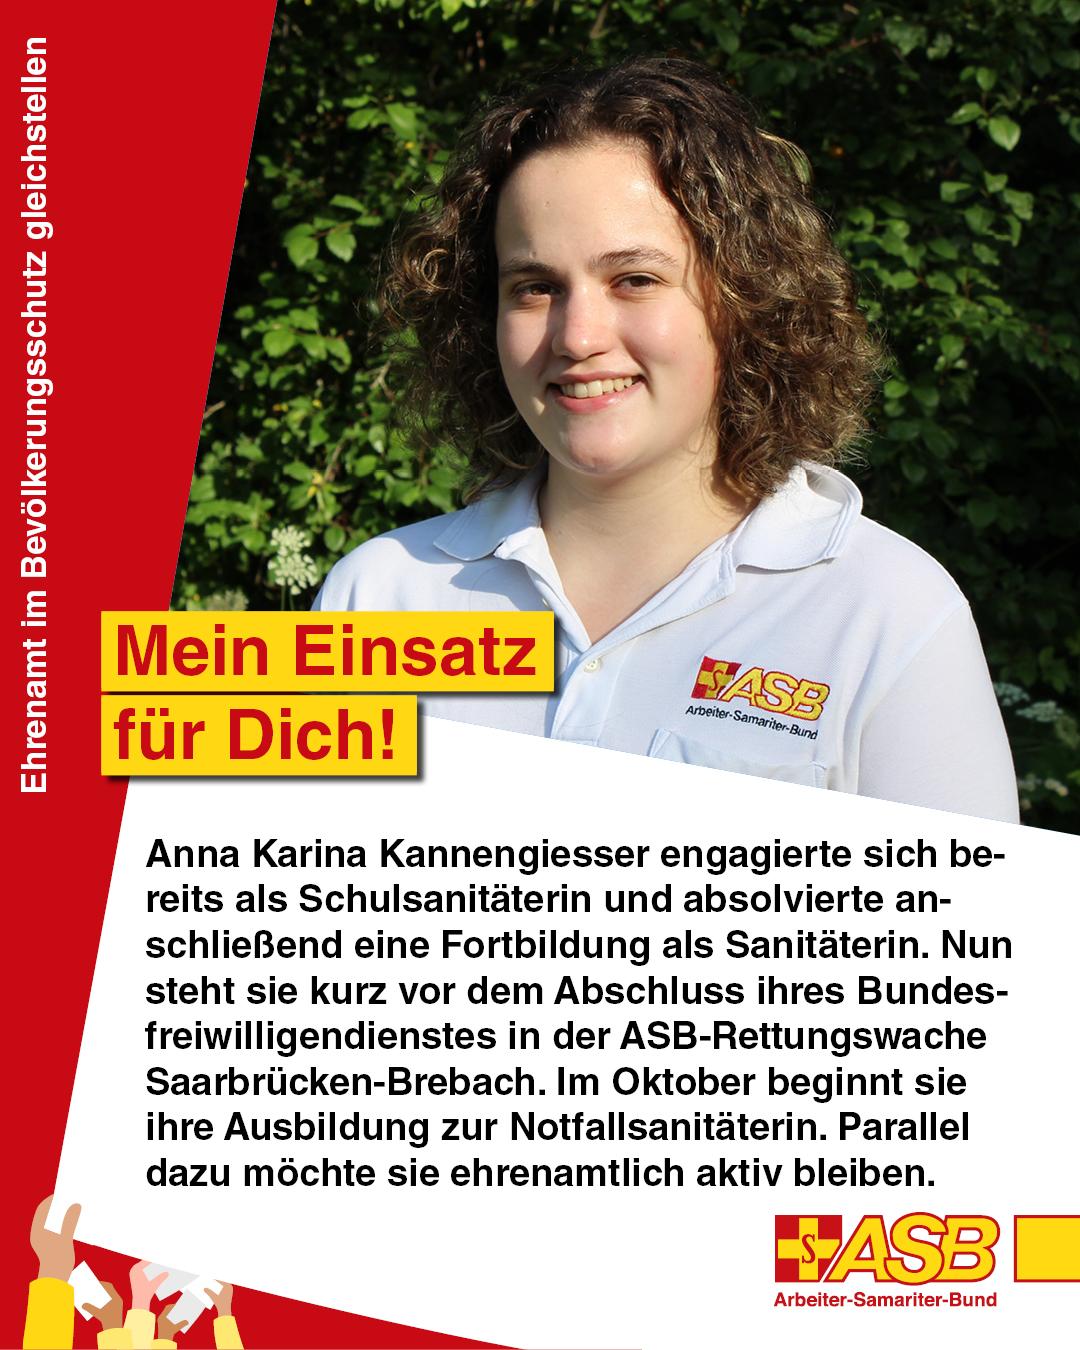 ASB-Forderungen-FB-IG_Ehrenamt_Saarland.jpg